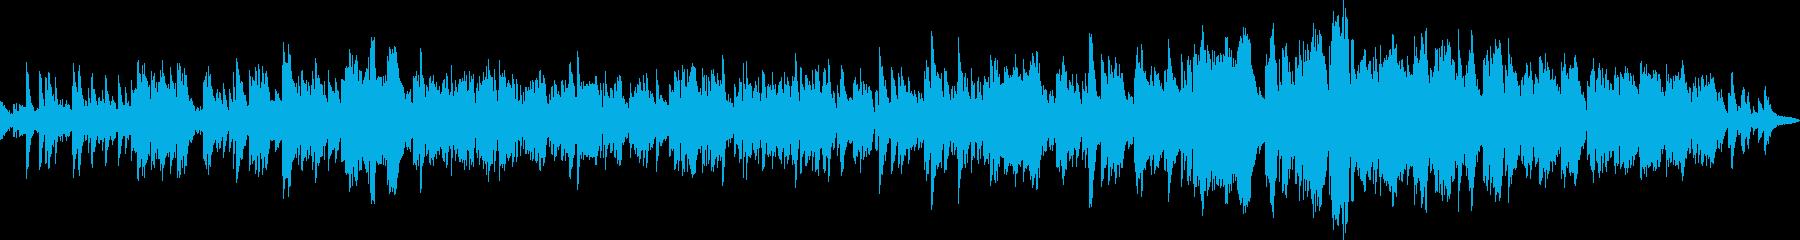 ライトミュージックでリラクゼーションな曲の再生済みの波形